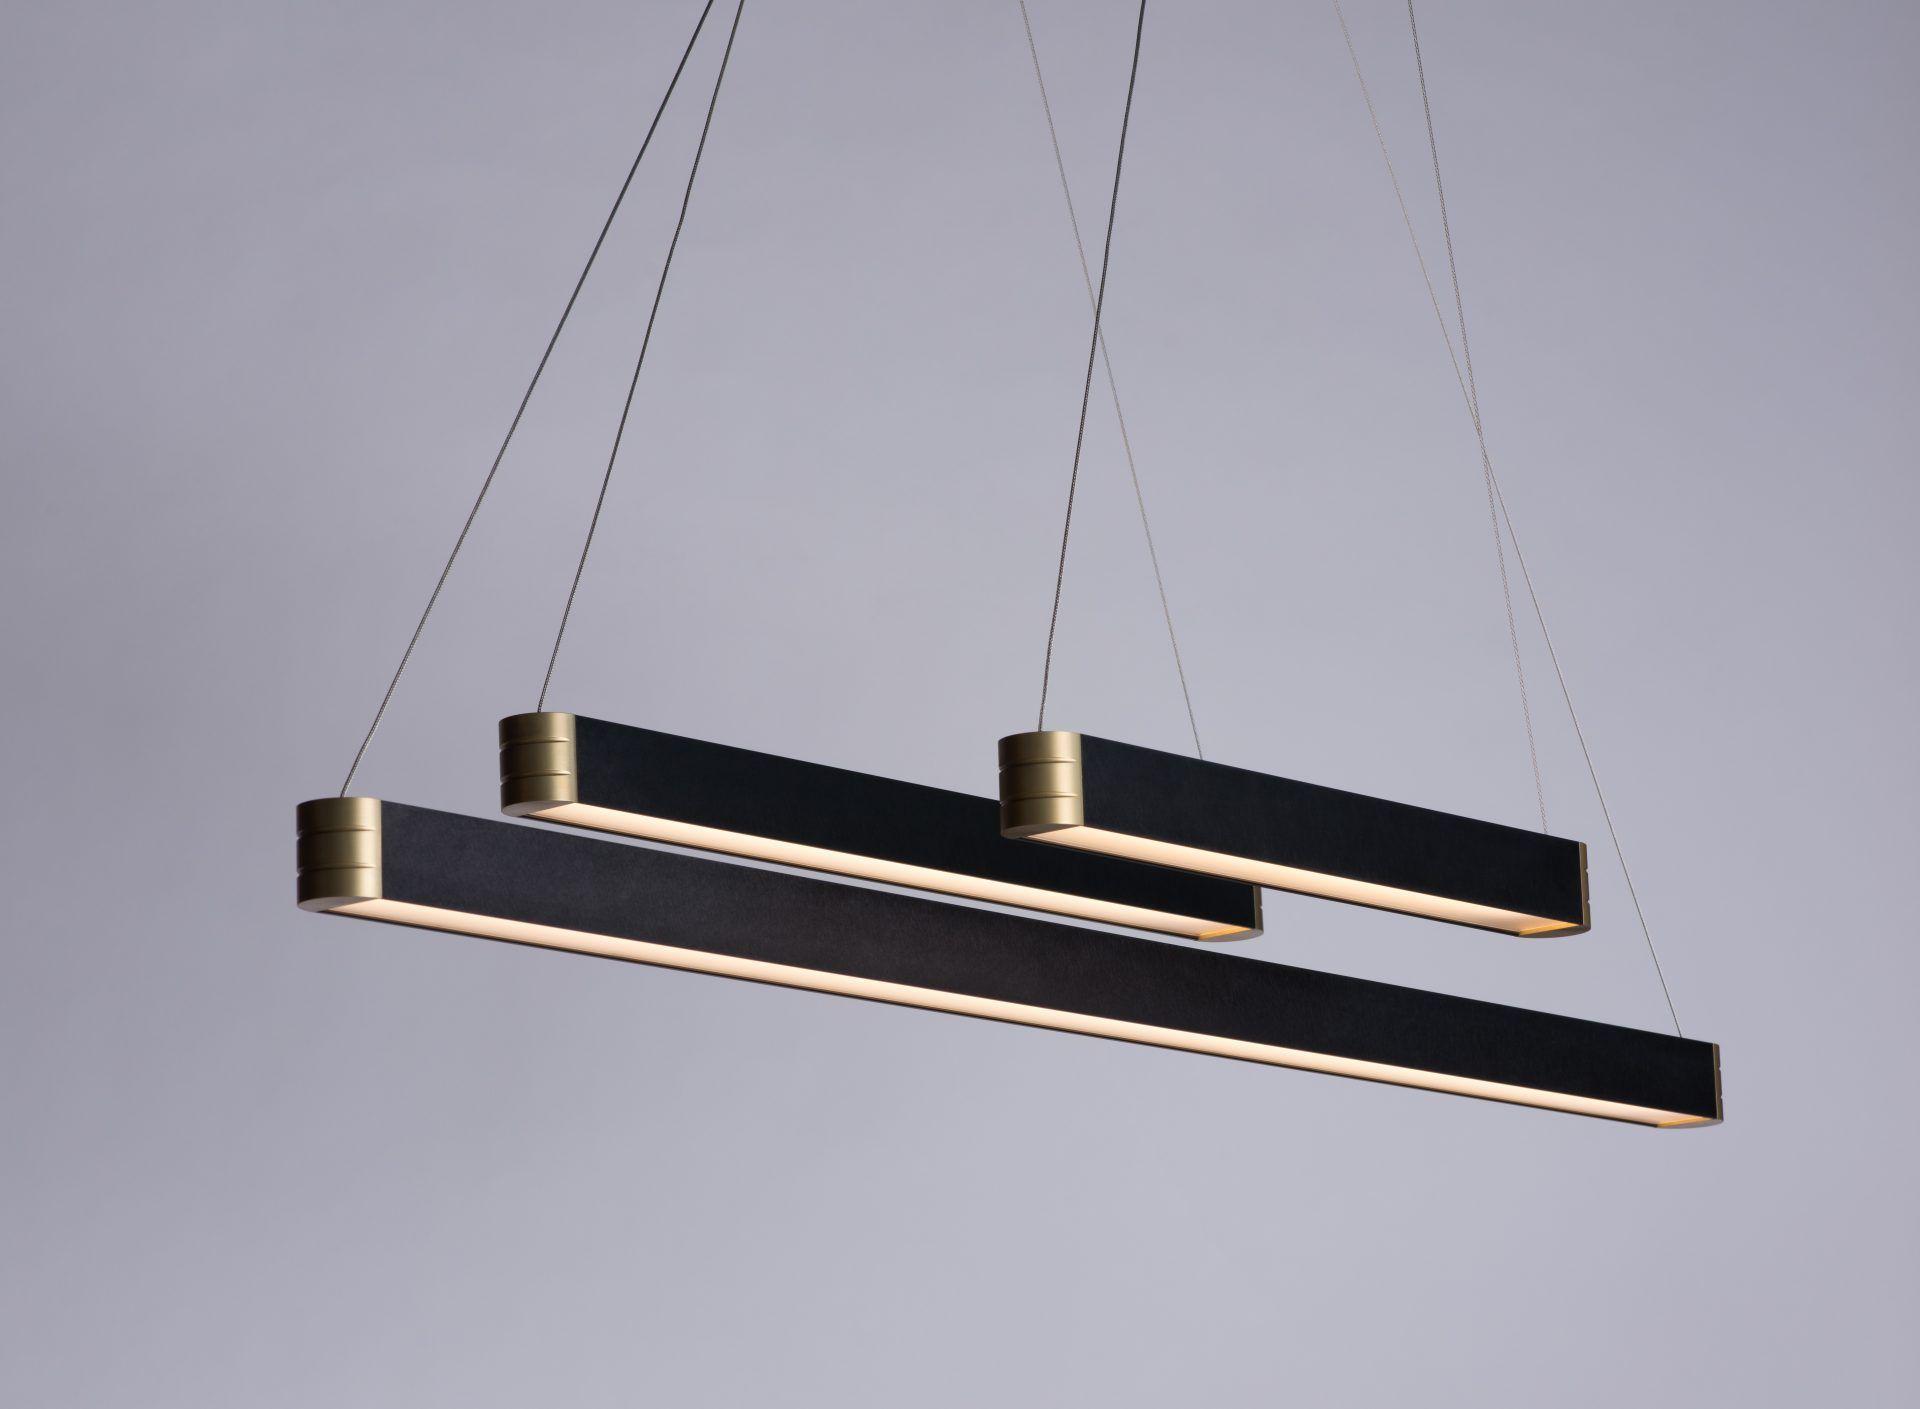 Retta linear light retta custom lighting custom lighting